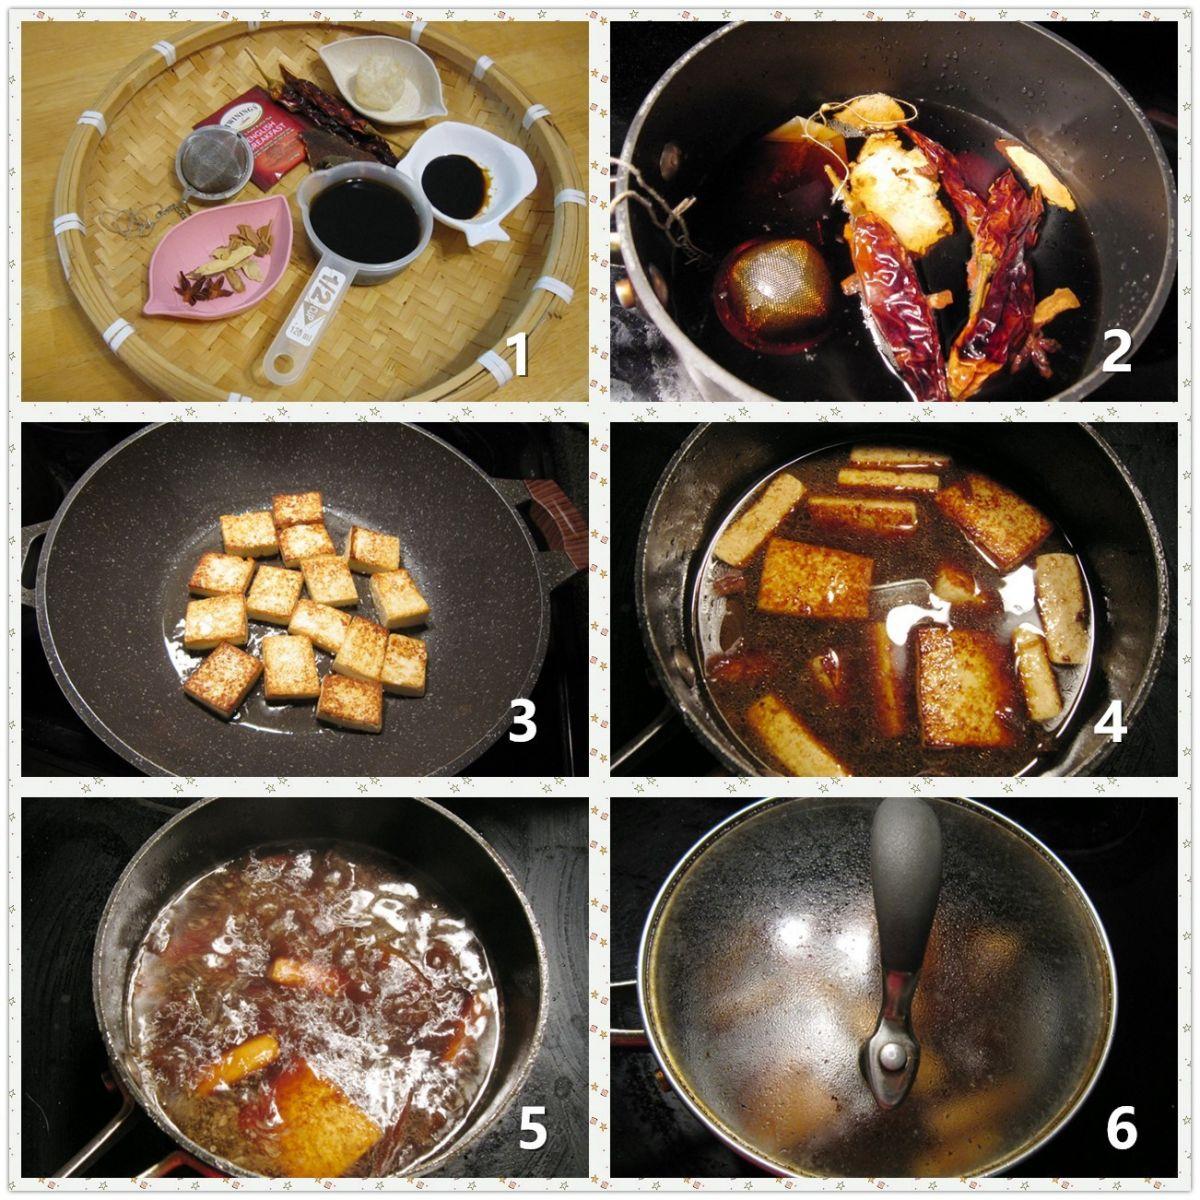 茶叶卤水豆腐_图1-2